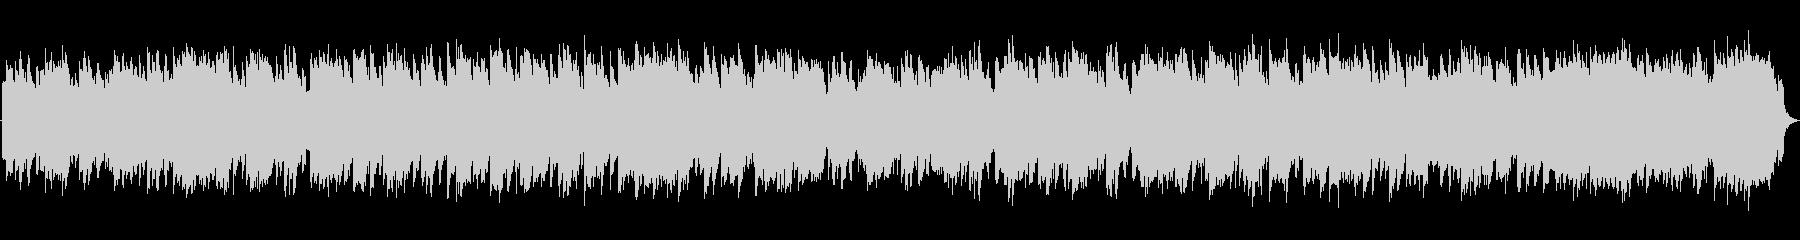 RPGのタイトル画面向け切ないBGMの未再生の波形